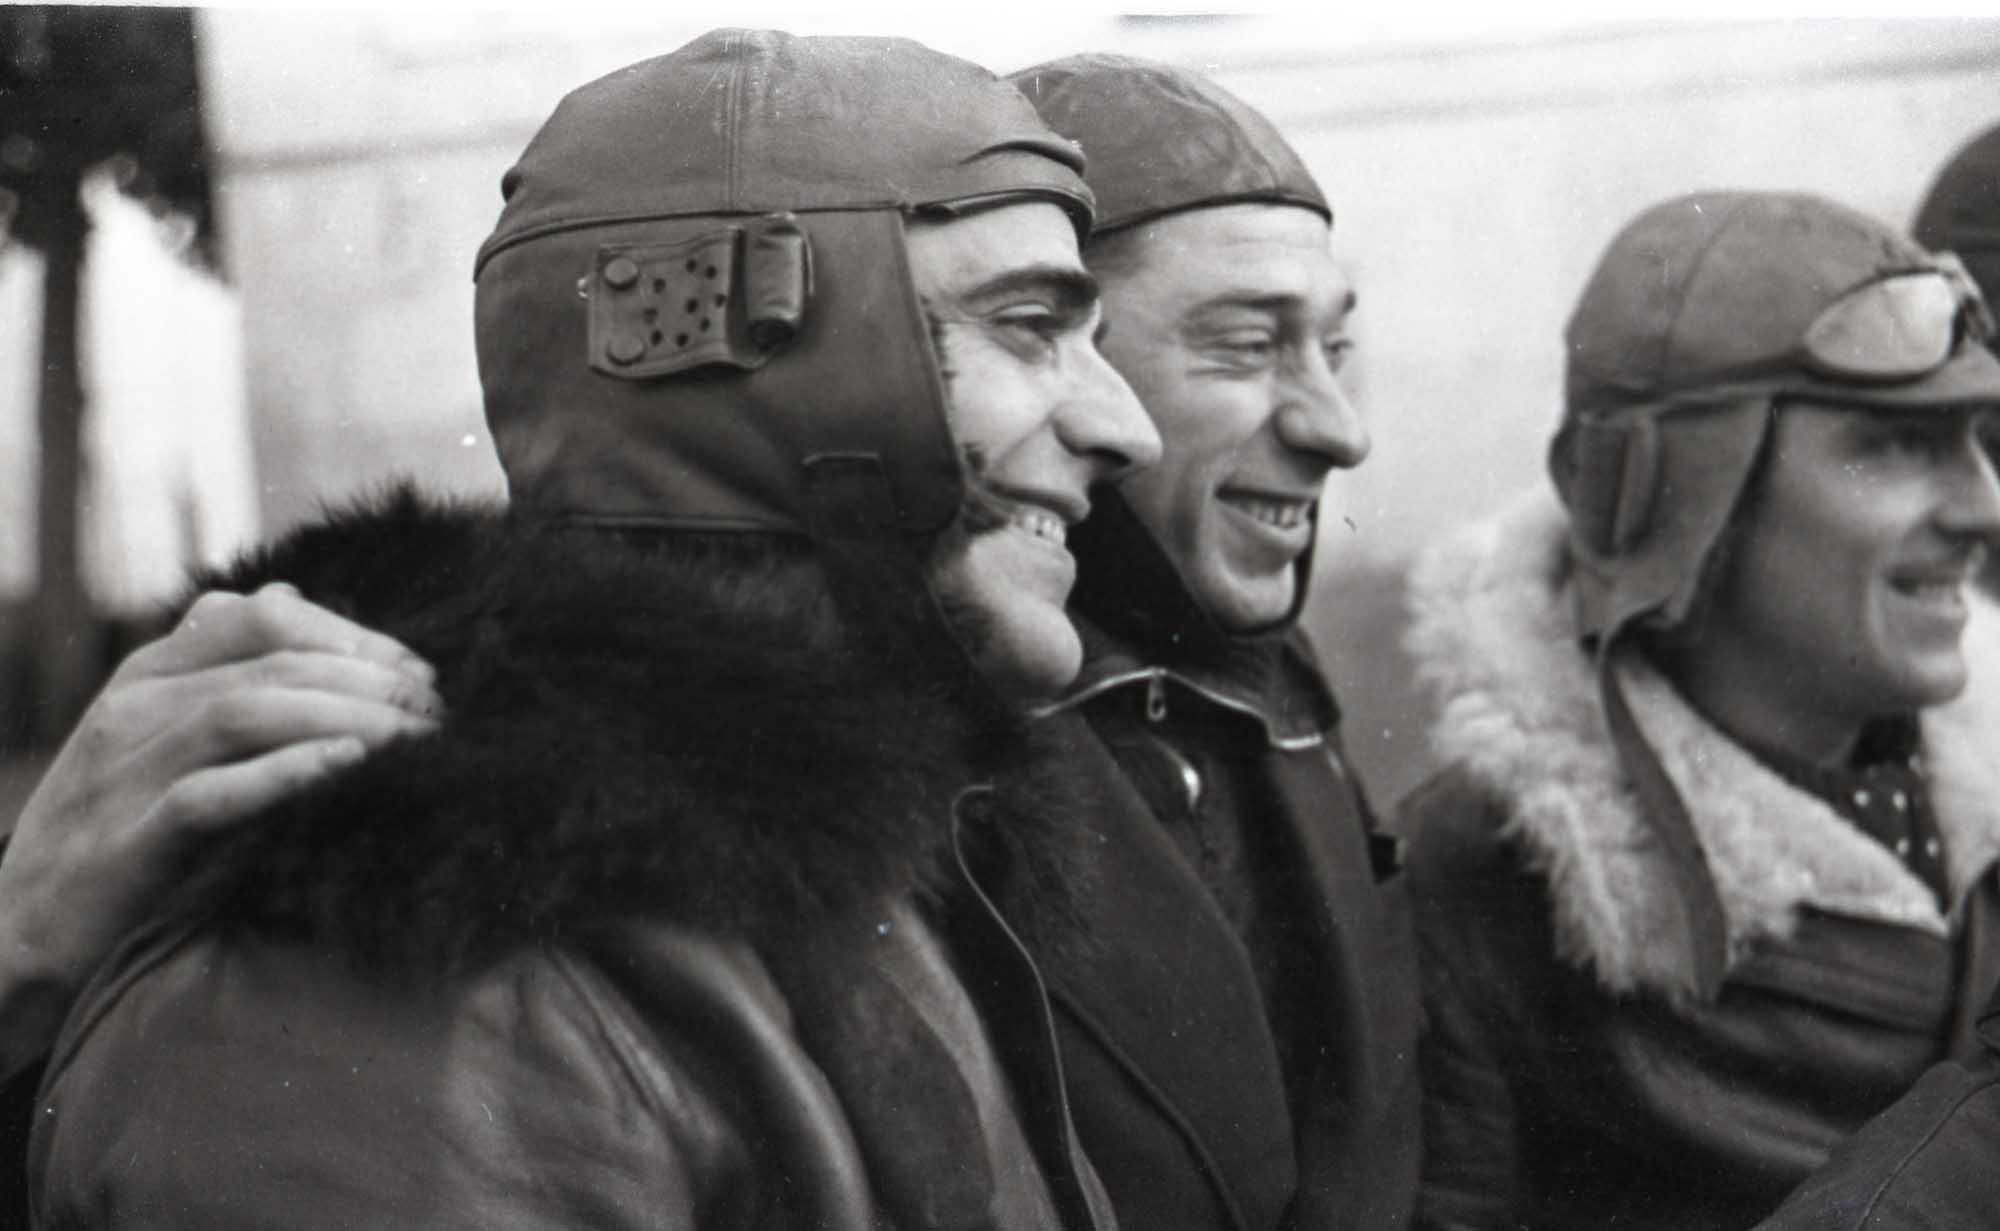 Enlaces motorizados de la 37 Brigada Mixta. Palacio de El Pardo, Madrid, entre 1 - 28 de enero de 1937. Walter Reuter. ©Fondo Guillermo Fernández Zúñiga.